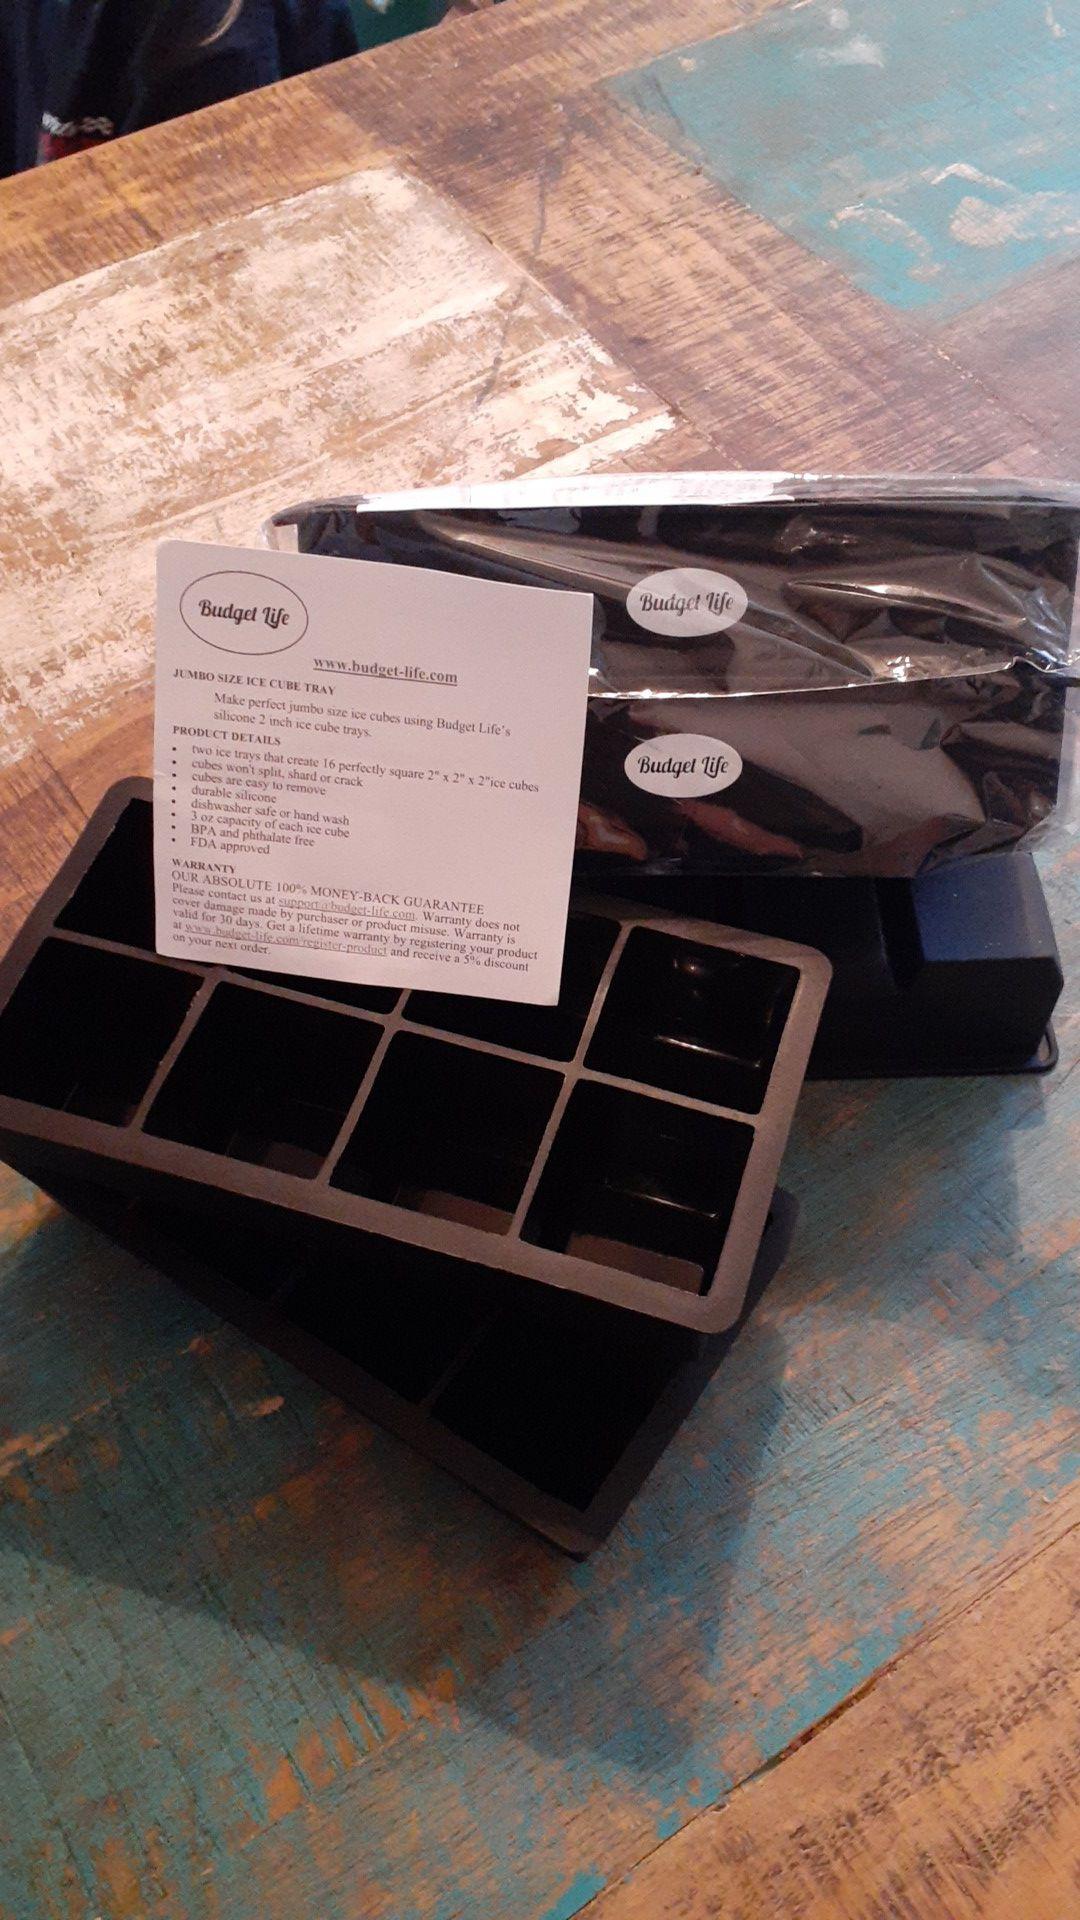 Jumbo size ice tray- Budget Lifes silicone 2 inch ice cube trays